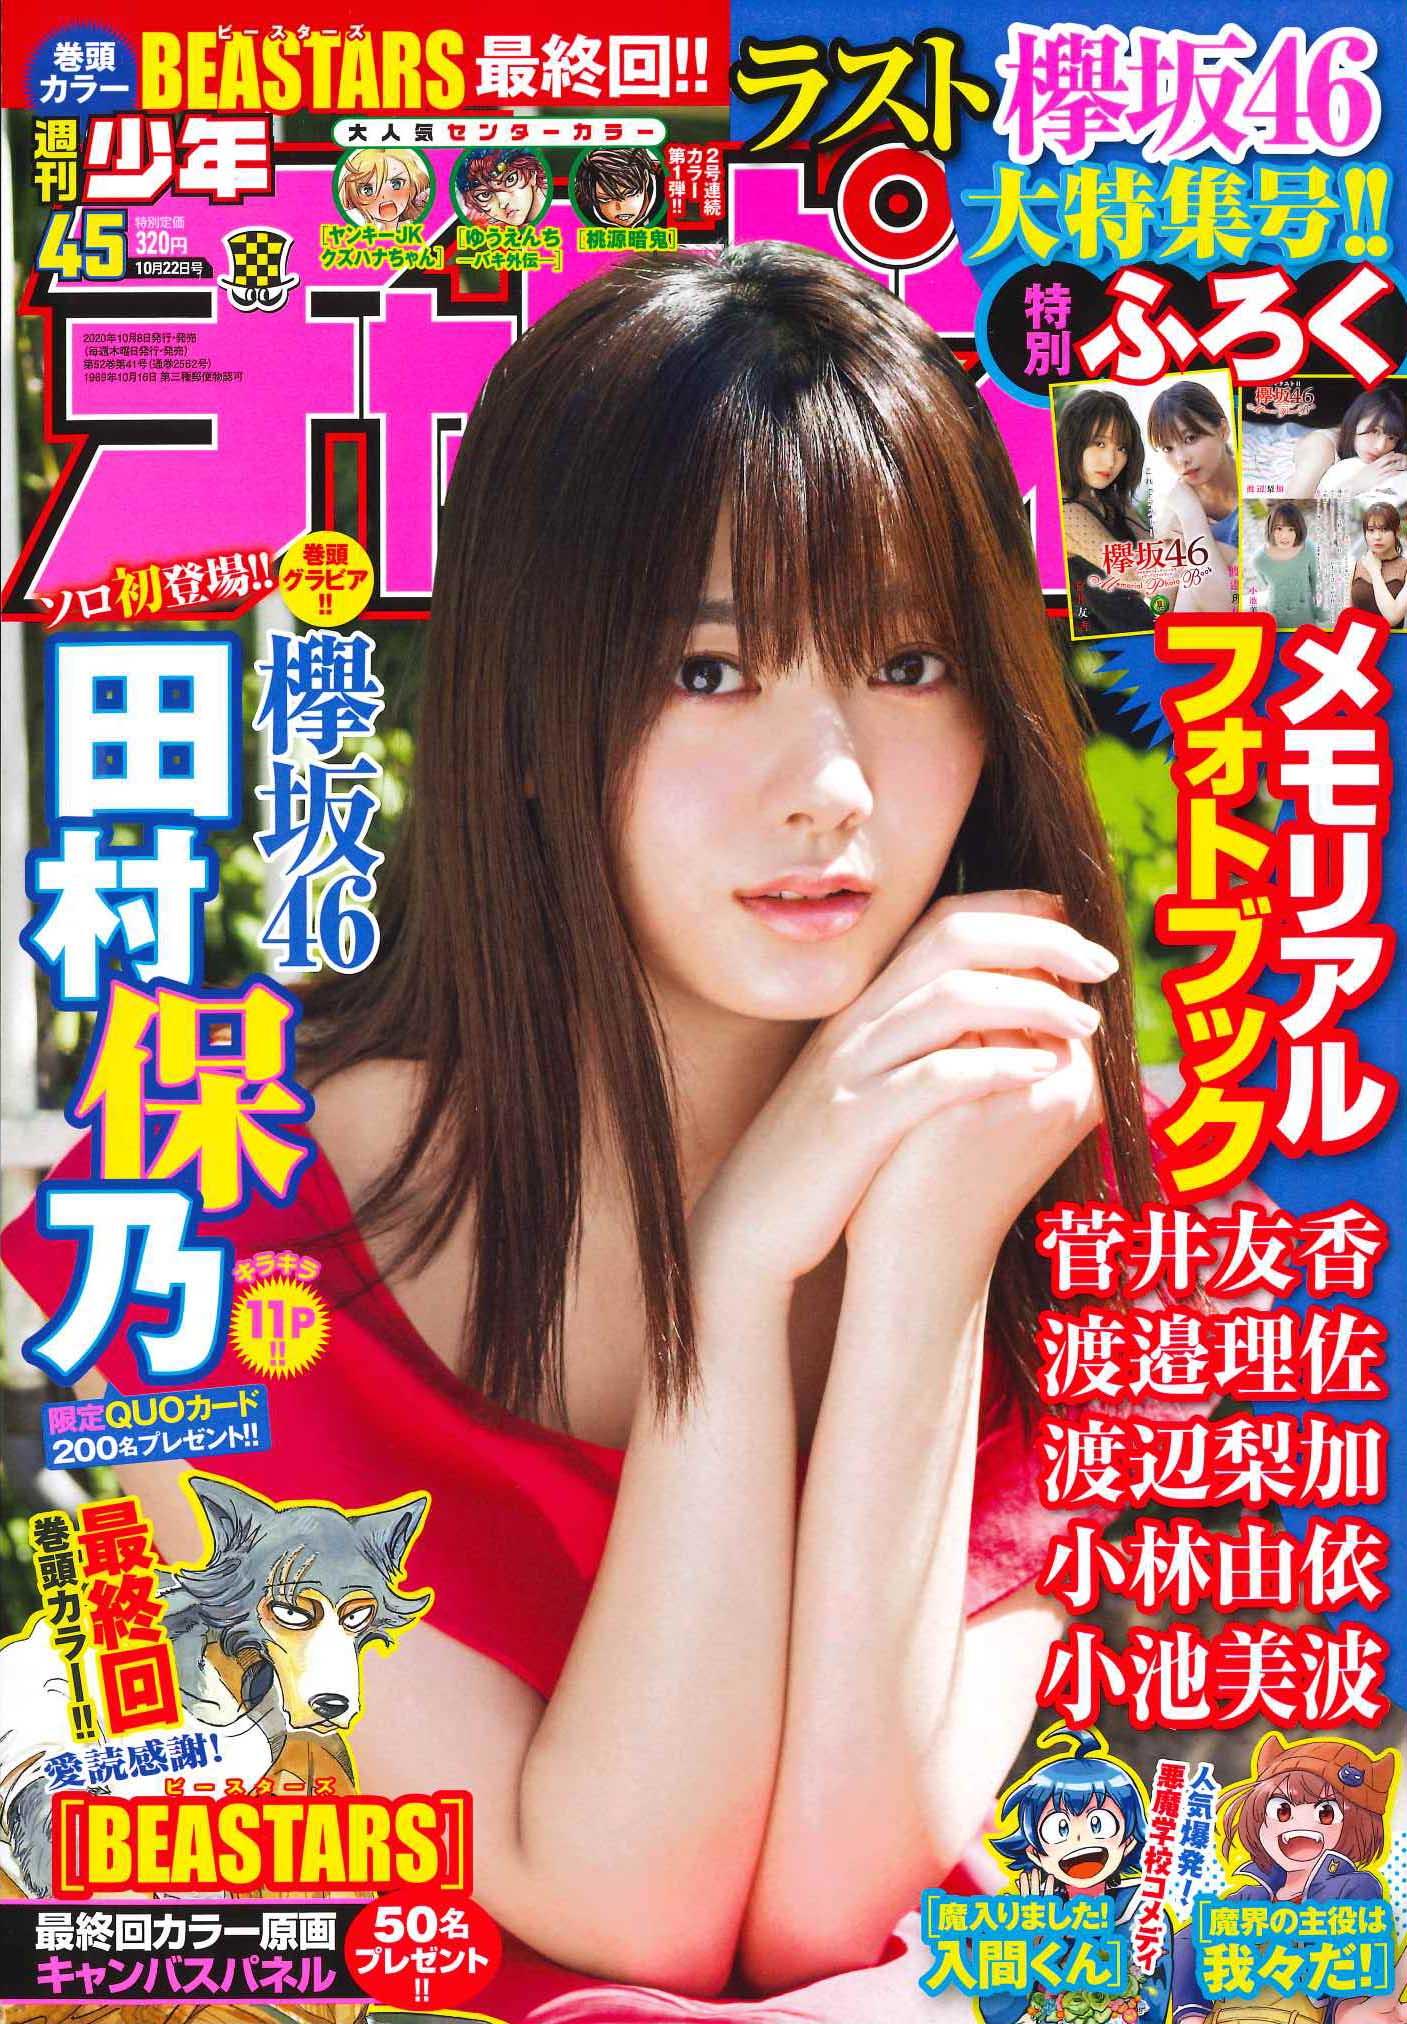 画像は「週刊少年チャンピオン」45号(秋田書店)